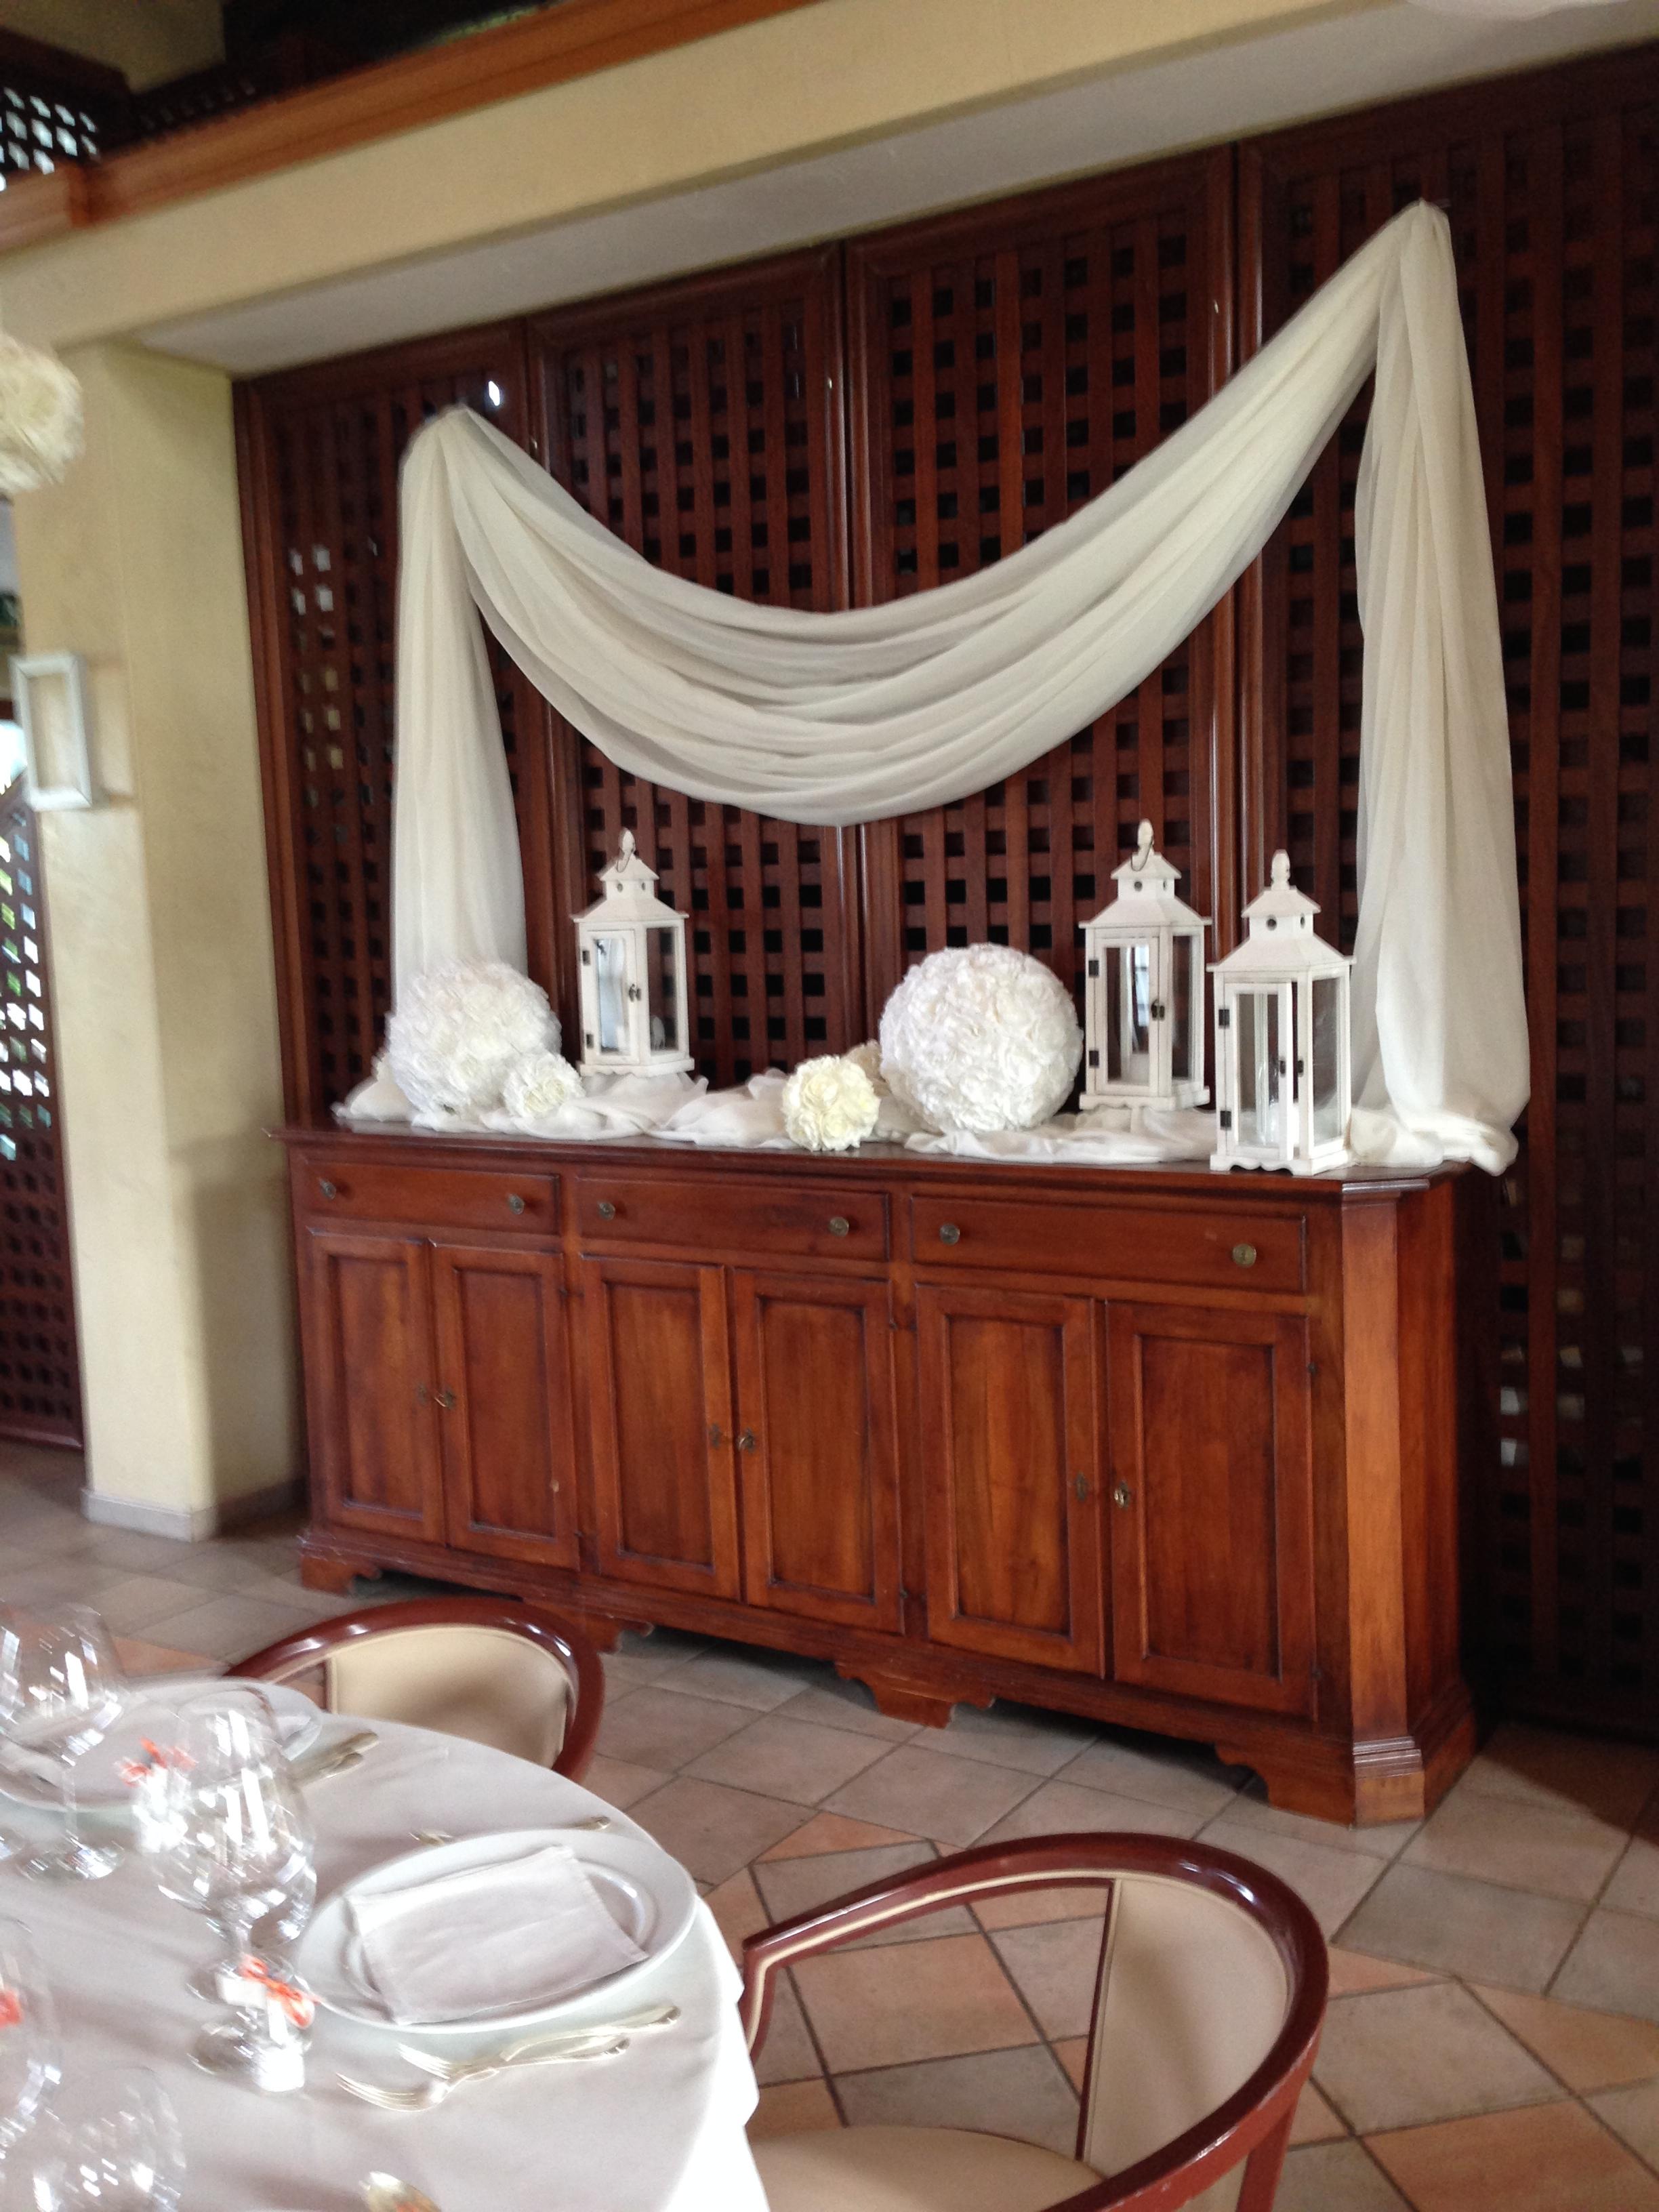 Idee per un matrimonio invernale consigli e spunti per gli sposi - Addobbi casa sposa ...